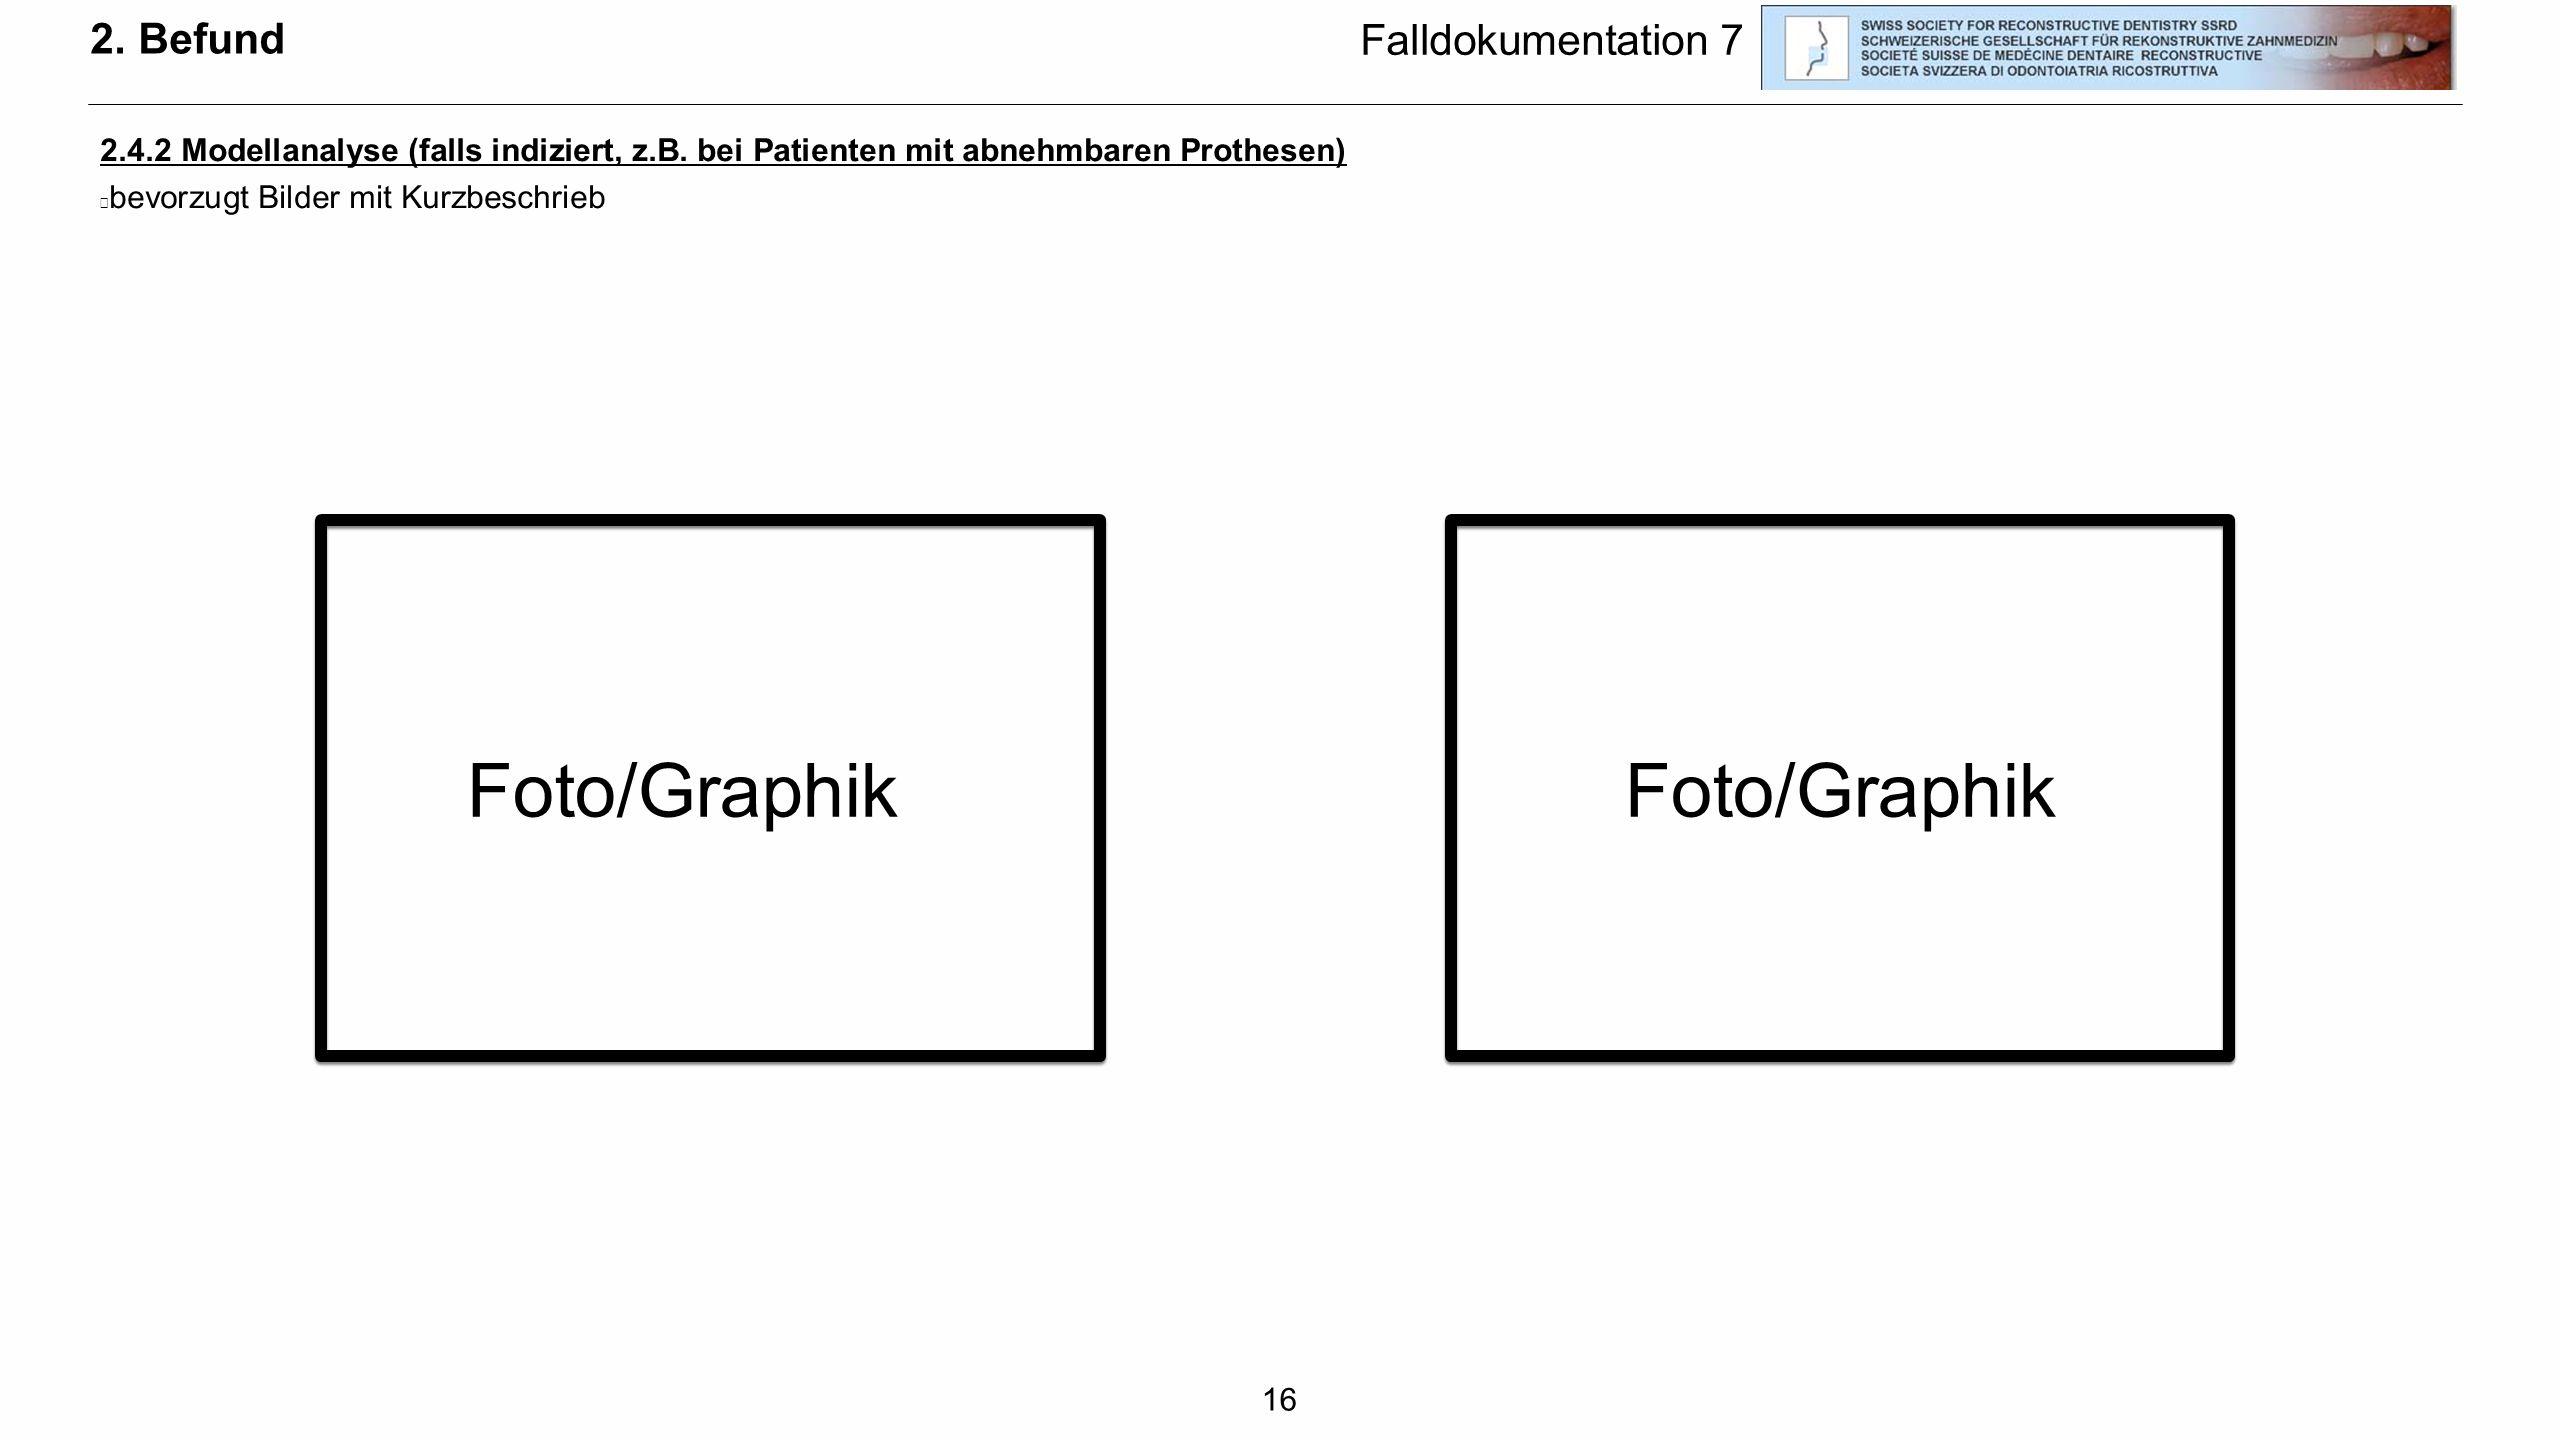 16 2. Befund 2.4.2 Modellanalyse (falls indiziert, z.B. bei Patienten mit abnehmbaren Prothesen)  bevorzugt Bilder mit Kurzbeschrieb Falldokumentatio